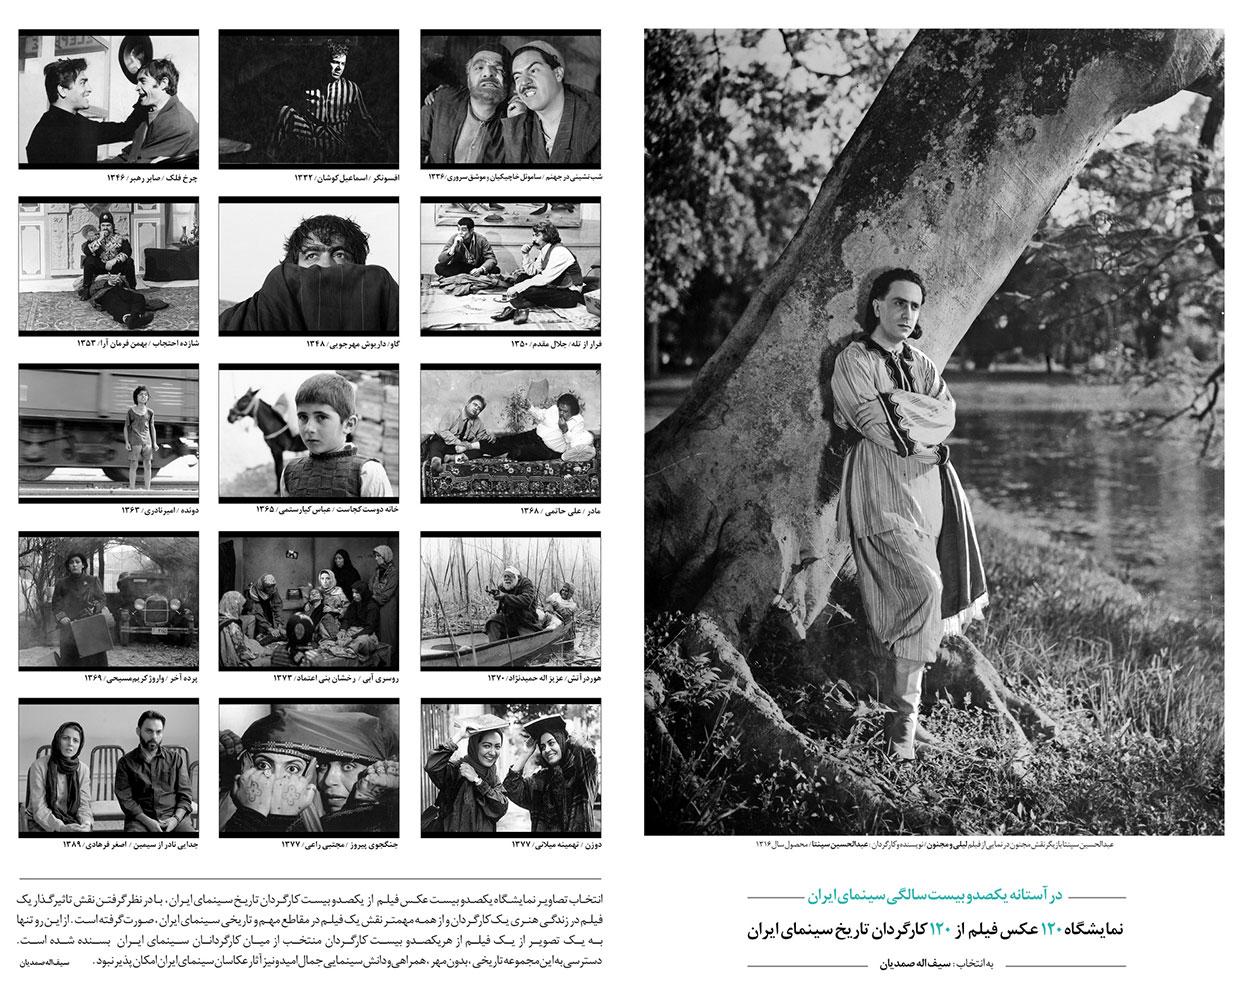 ۱۲۰ سال تاریخ سینمای ایران با ۱۲۰ عکس مرور میشود/ پوسترهای ۳ دوره فجر جهانی روی دیوار میرود